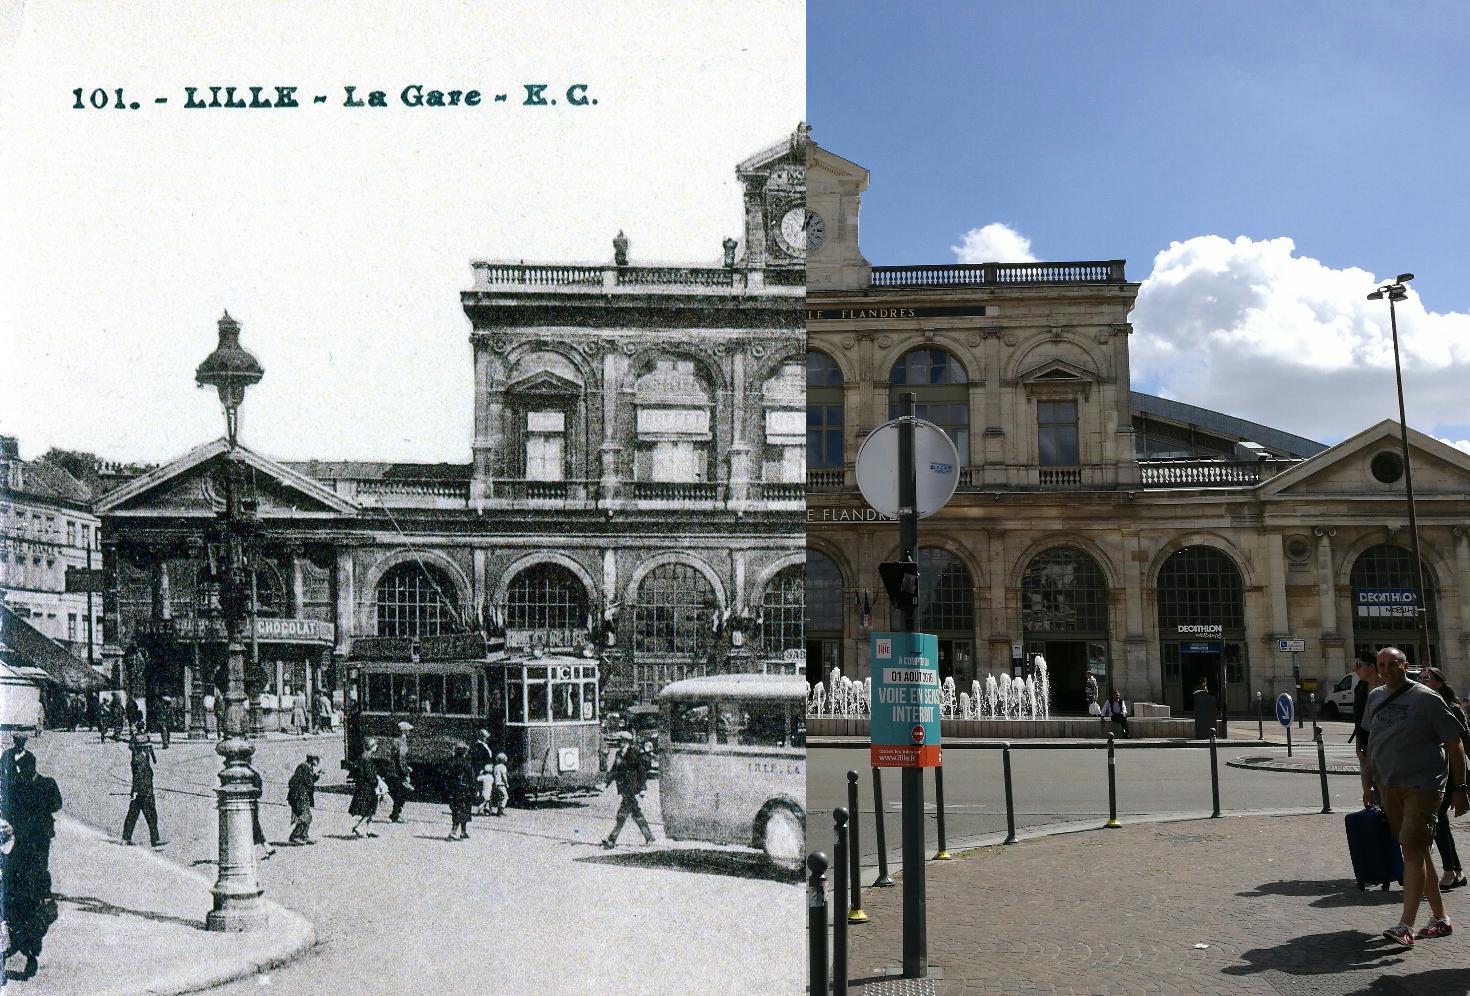 Lille - Lille : La gare